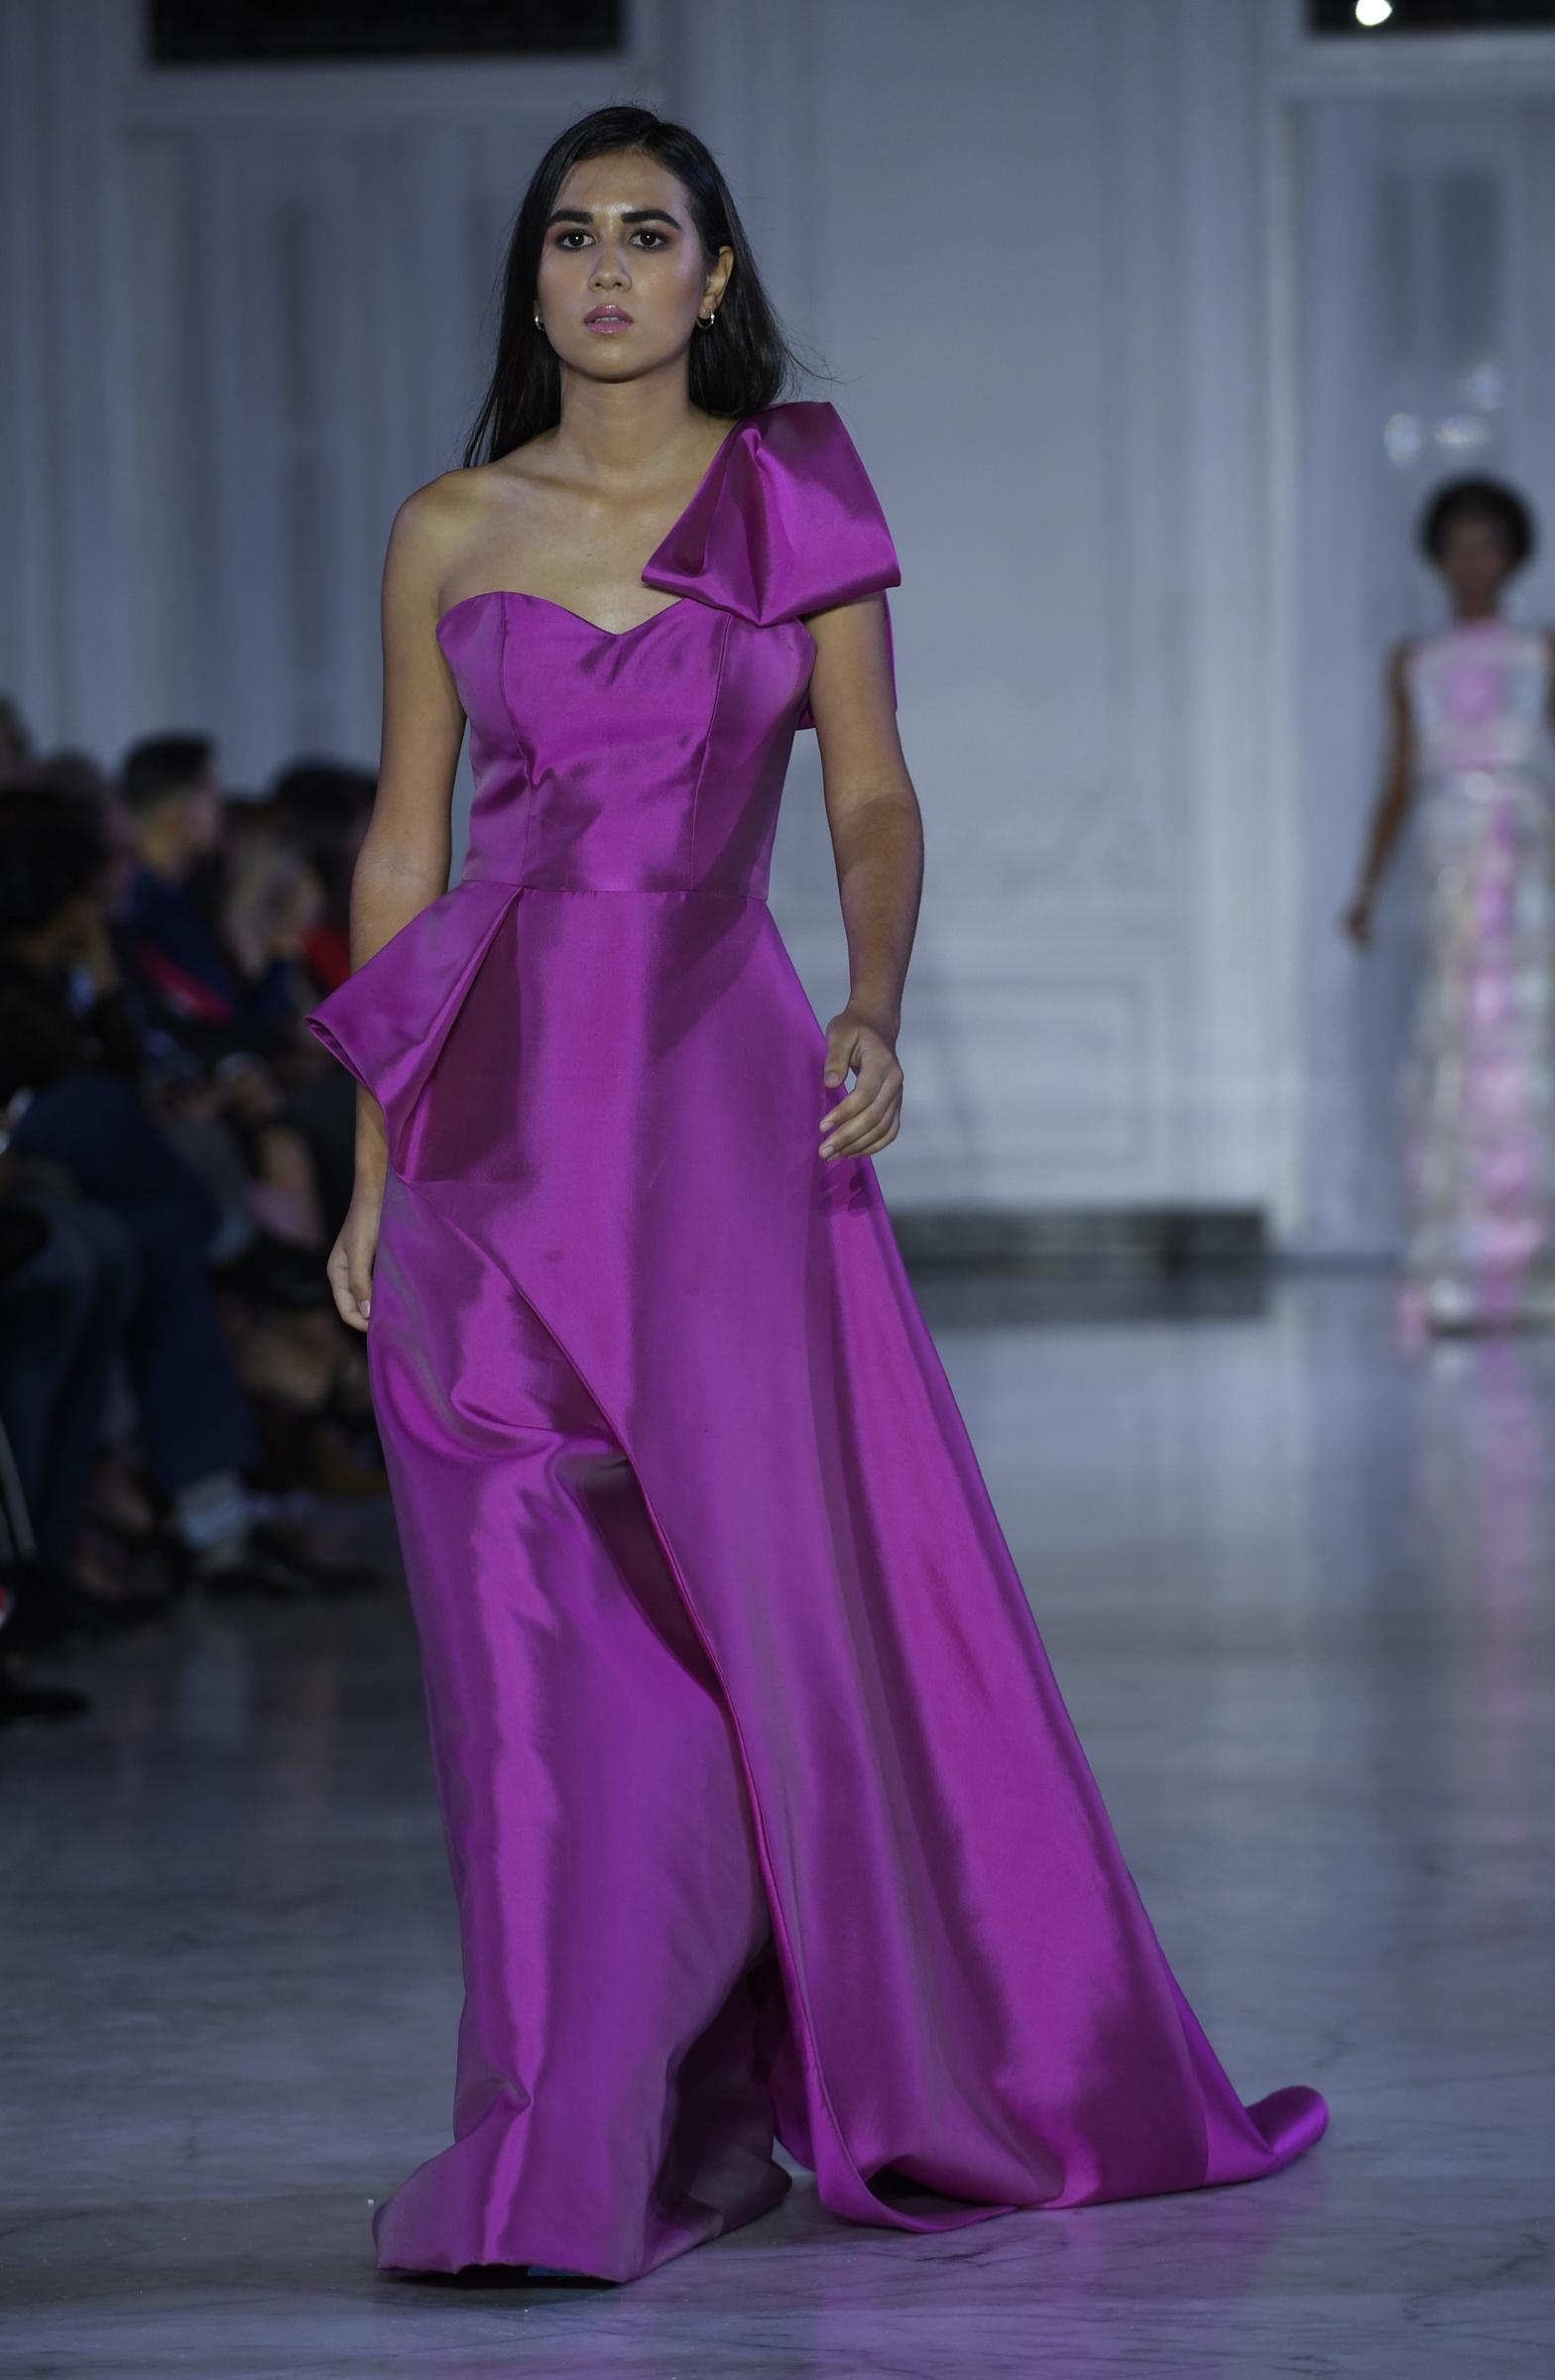 Vestido de gala malva vibrante de un solo hombro y falda amplia. Foto Ángel Luis García